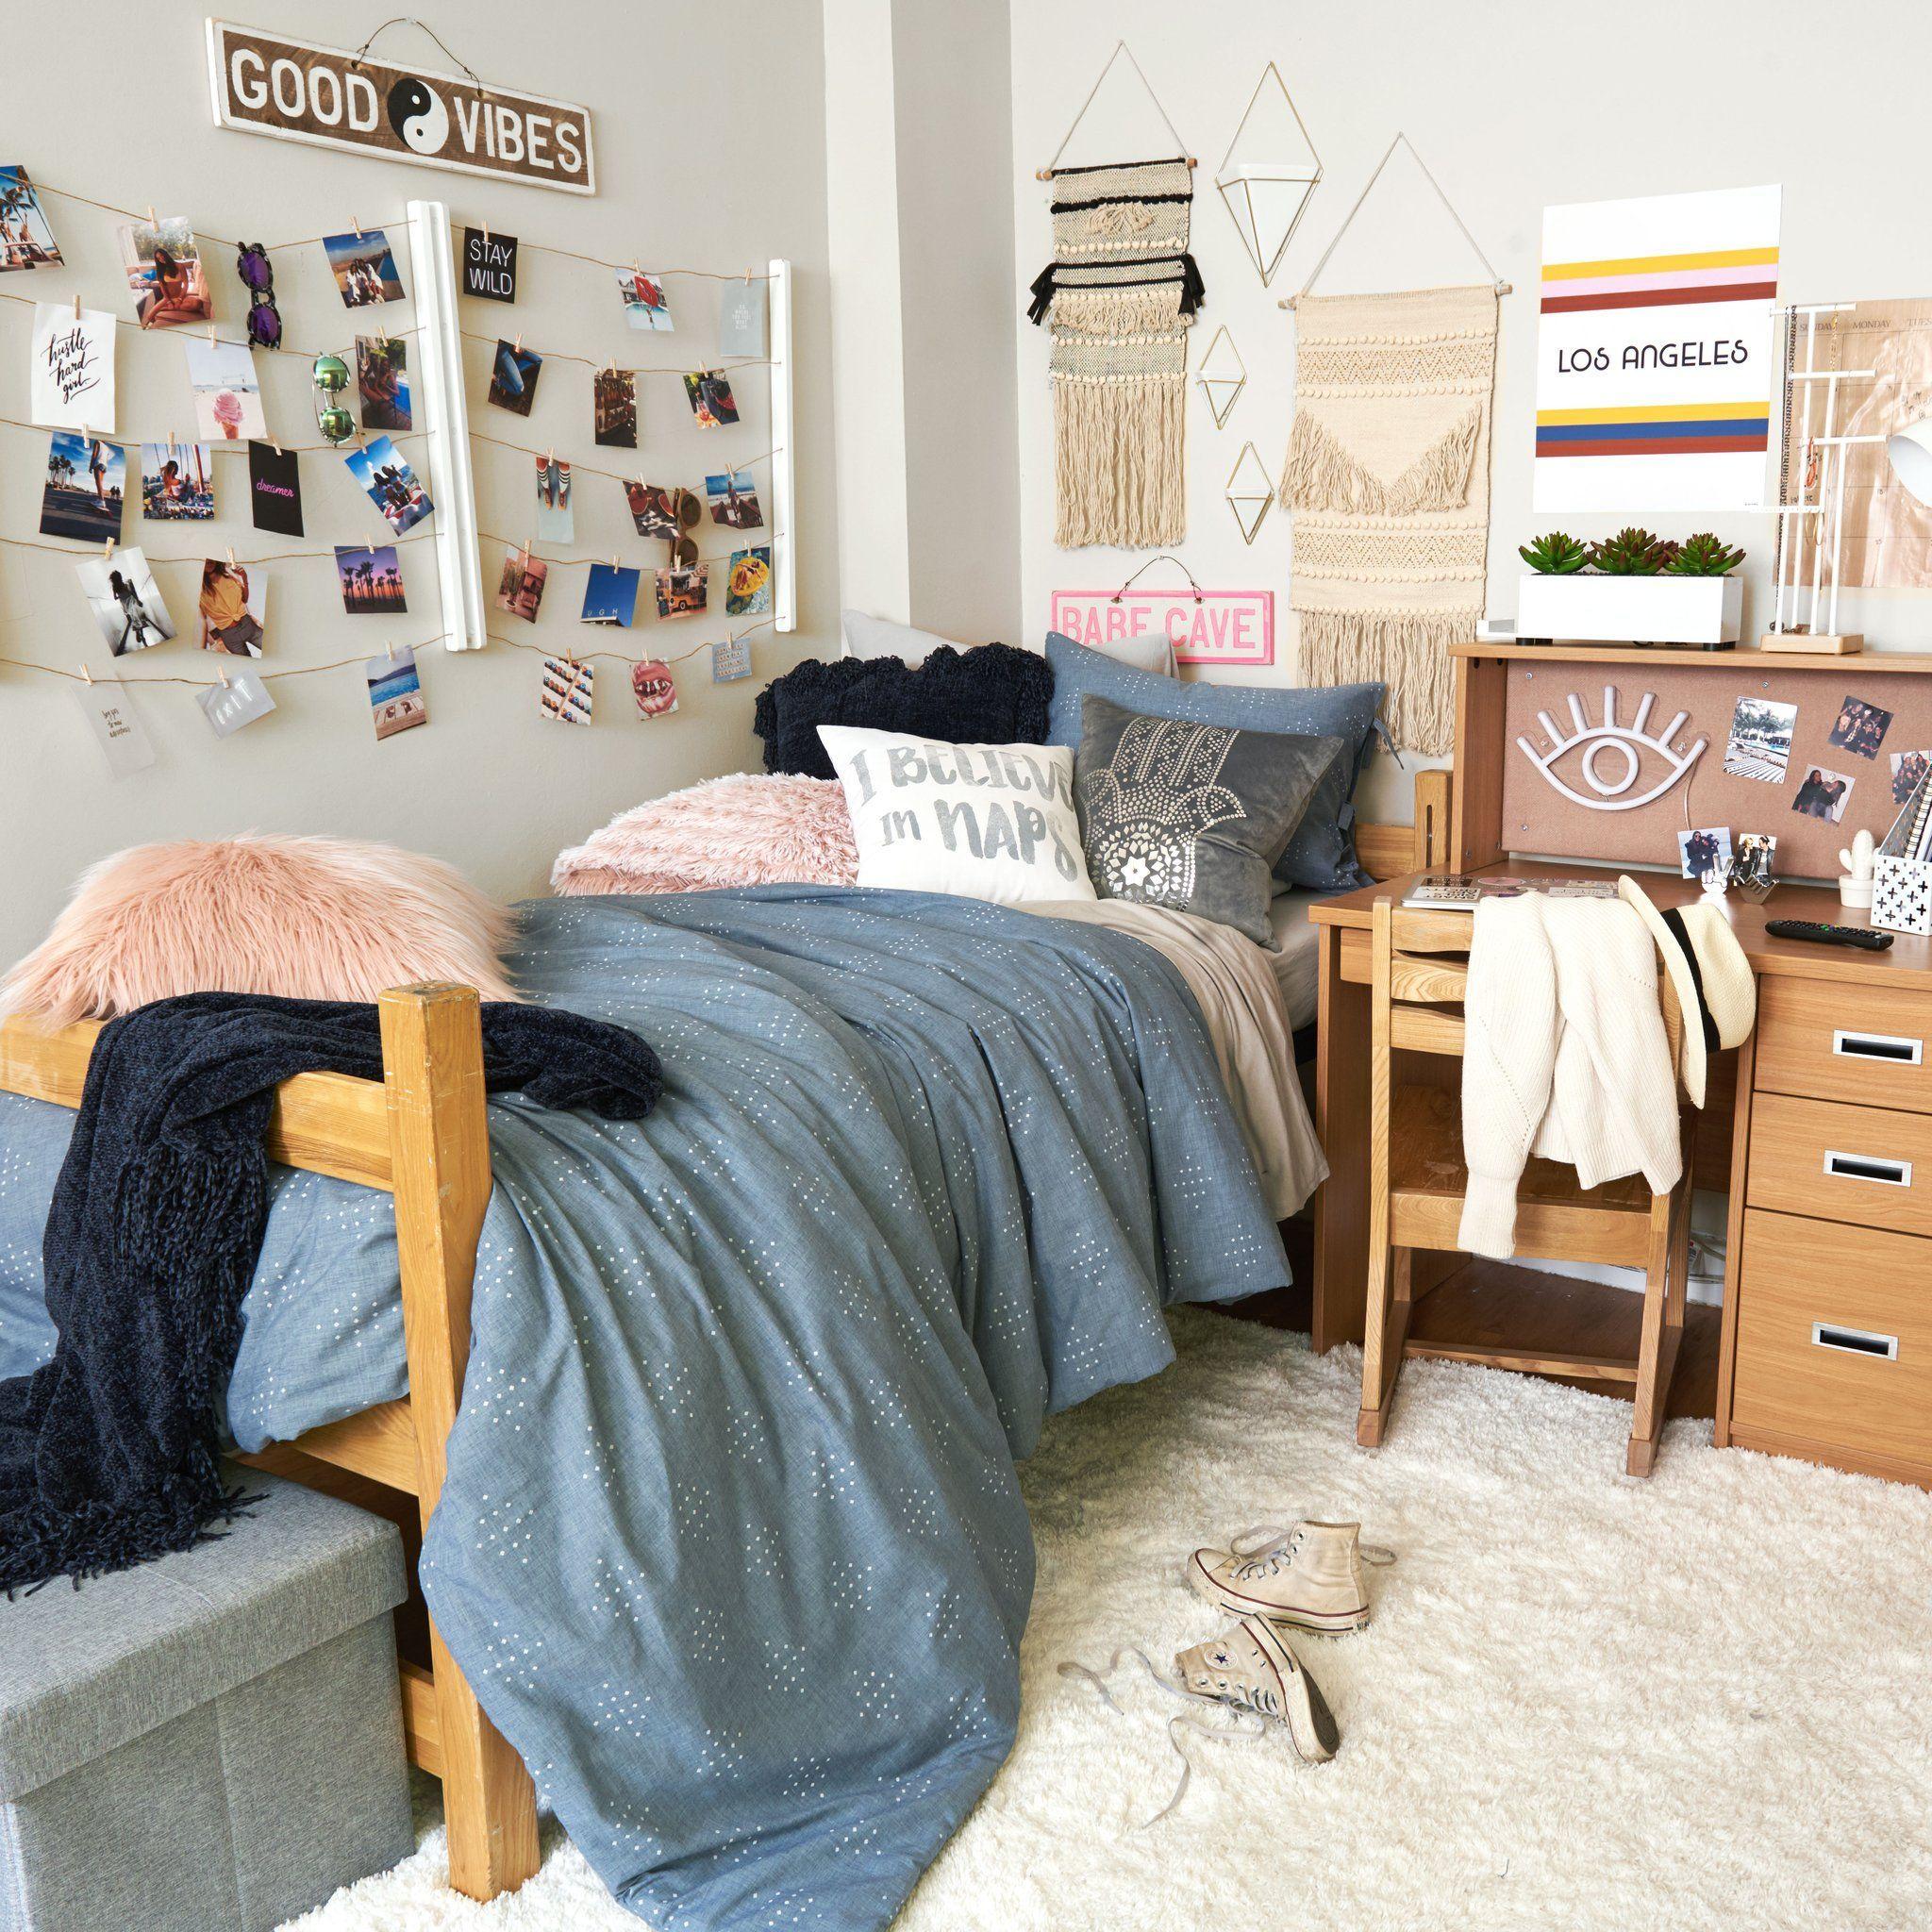 Dorm Room Ideas - College Room Decor - Dorm Inspiration ...